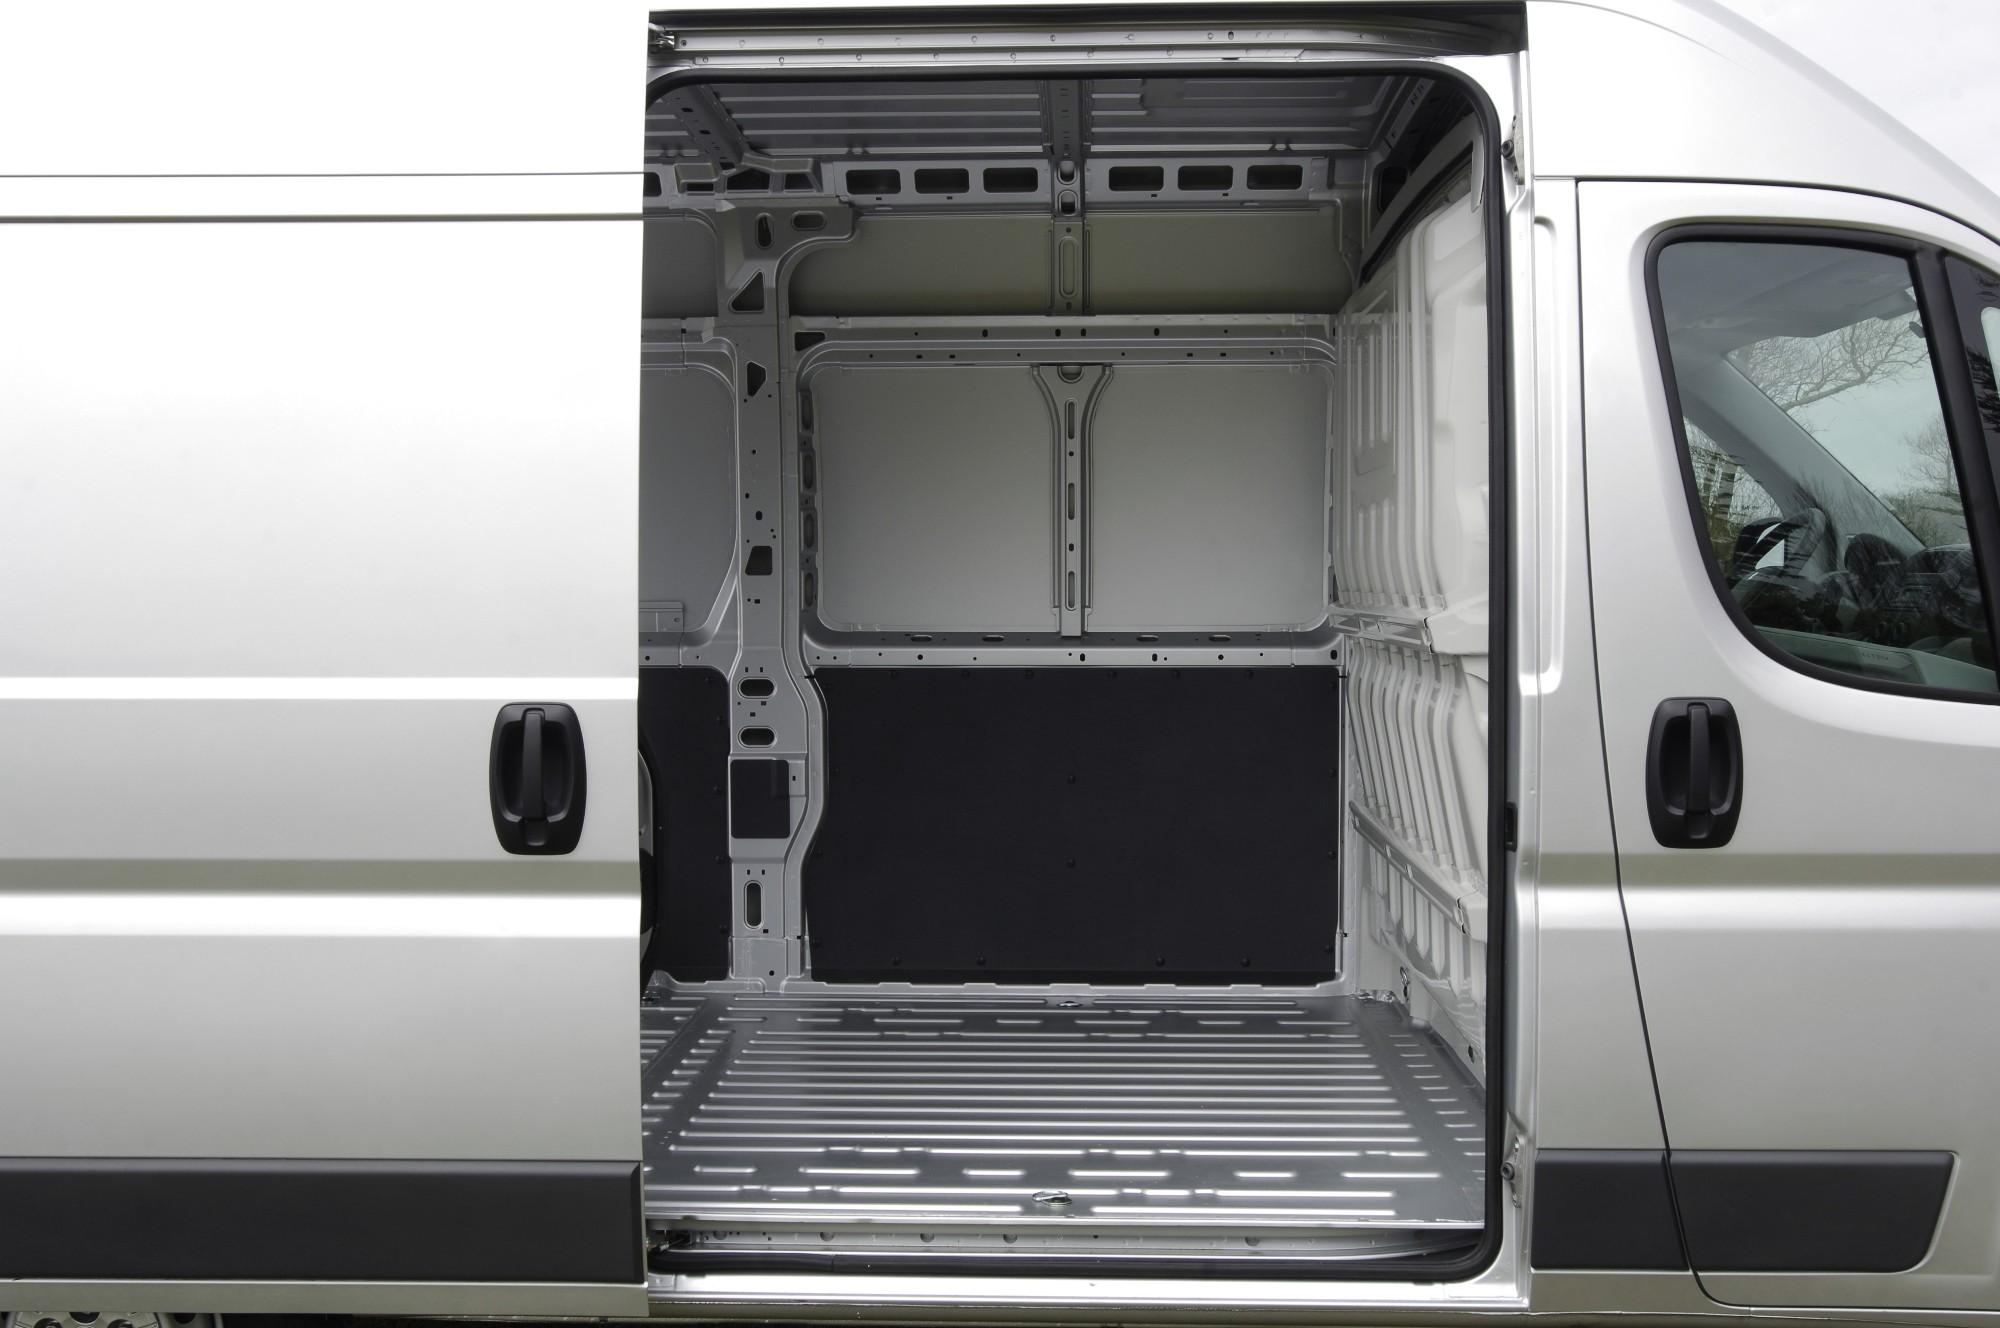 Peugeot Boxer фургон L1H1   купить новый или б/у, фото